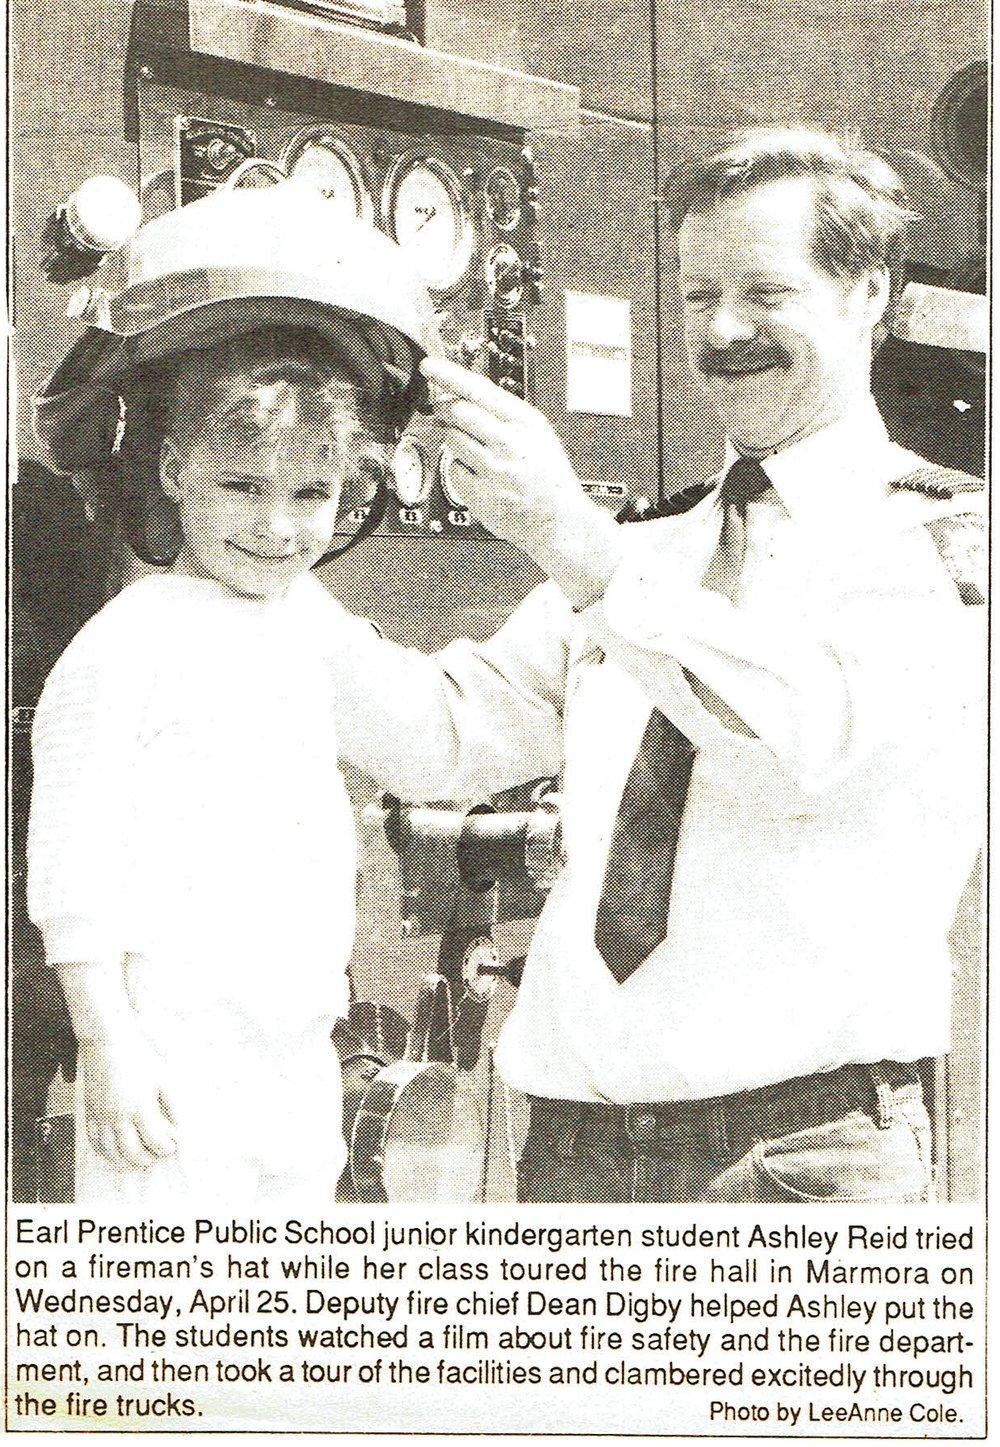 Fire department c.1988 Dean Digby